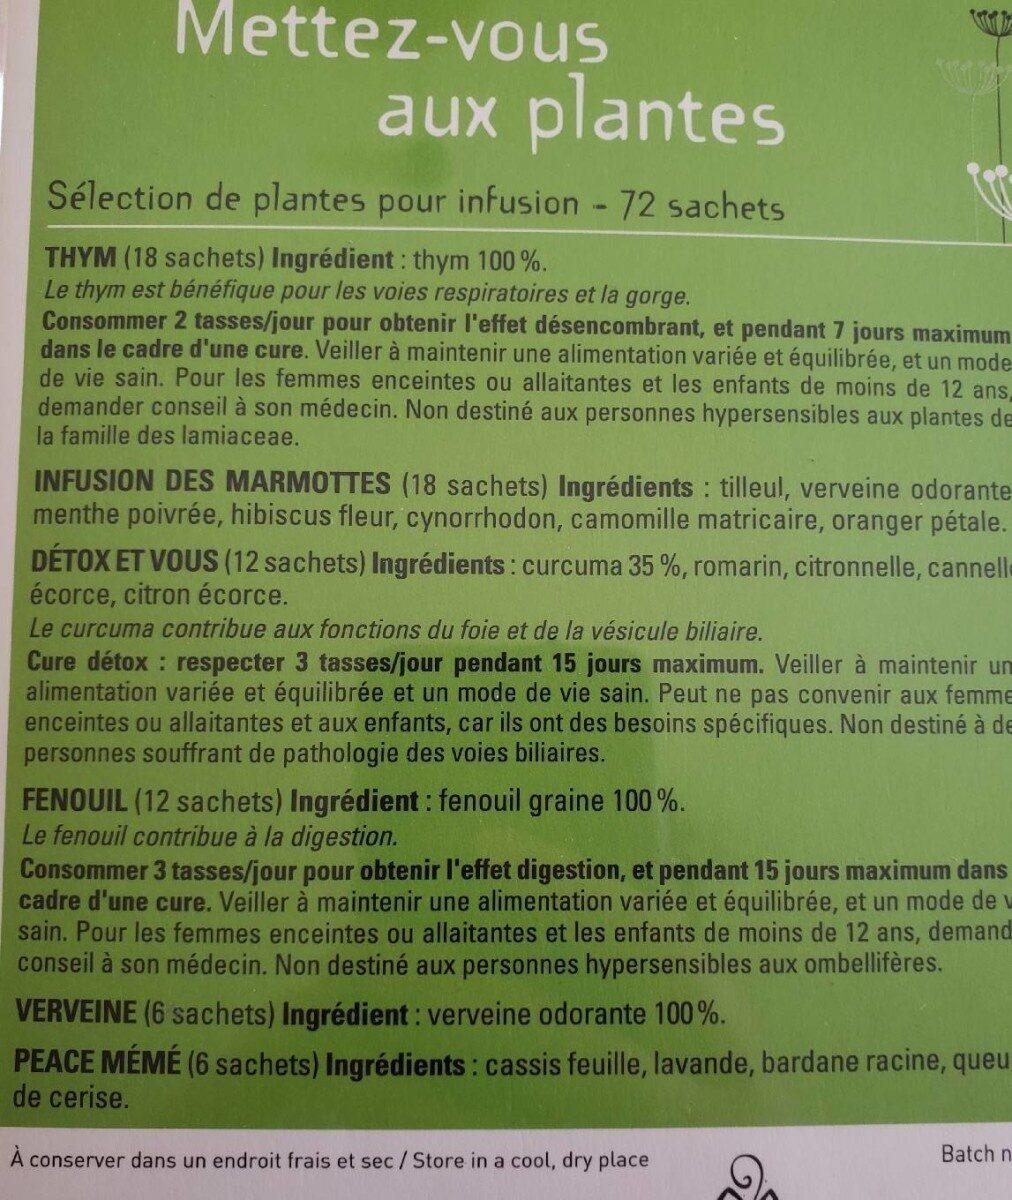 Les 2 marmottes - Valori nutrizionali - fr